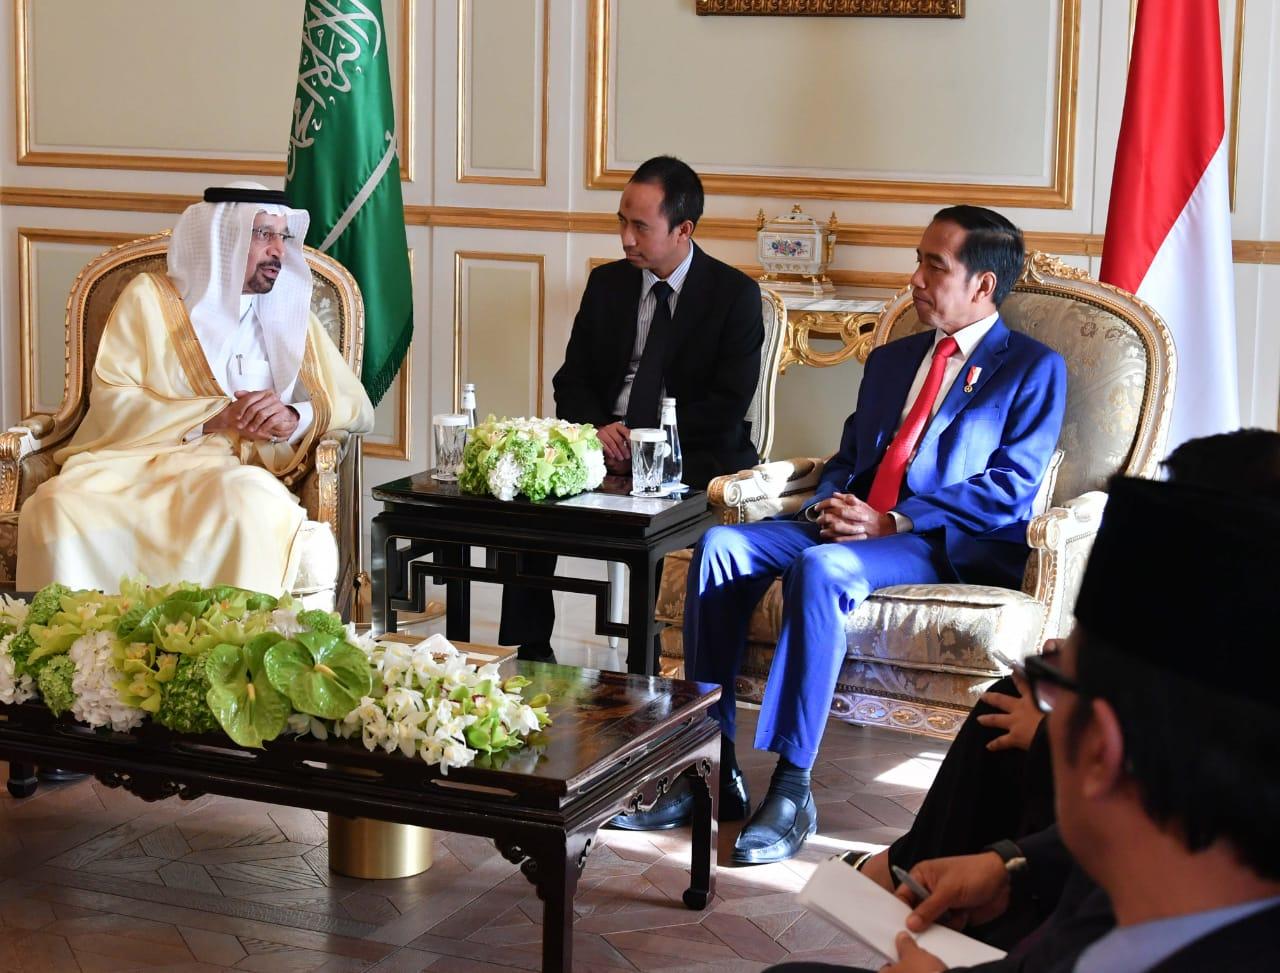 Presiden dan Menteri Energi Arab Saudi Bahas Kerja Sama di Bidang Energi